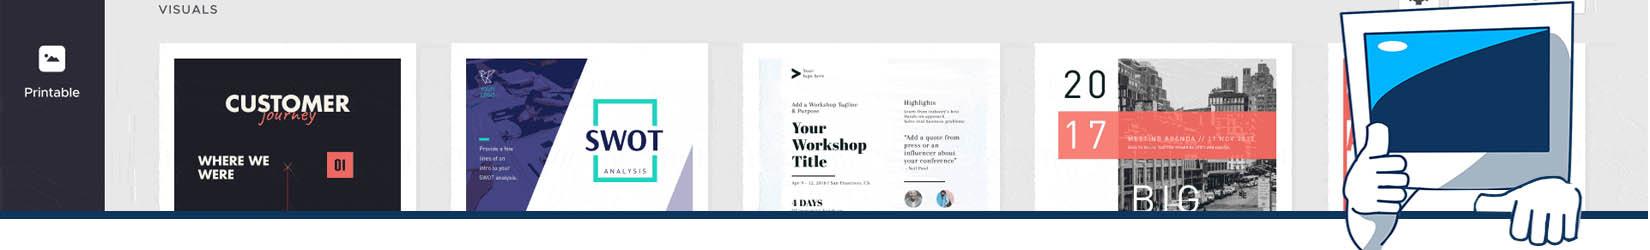 paginas para crear infografias